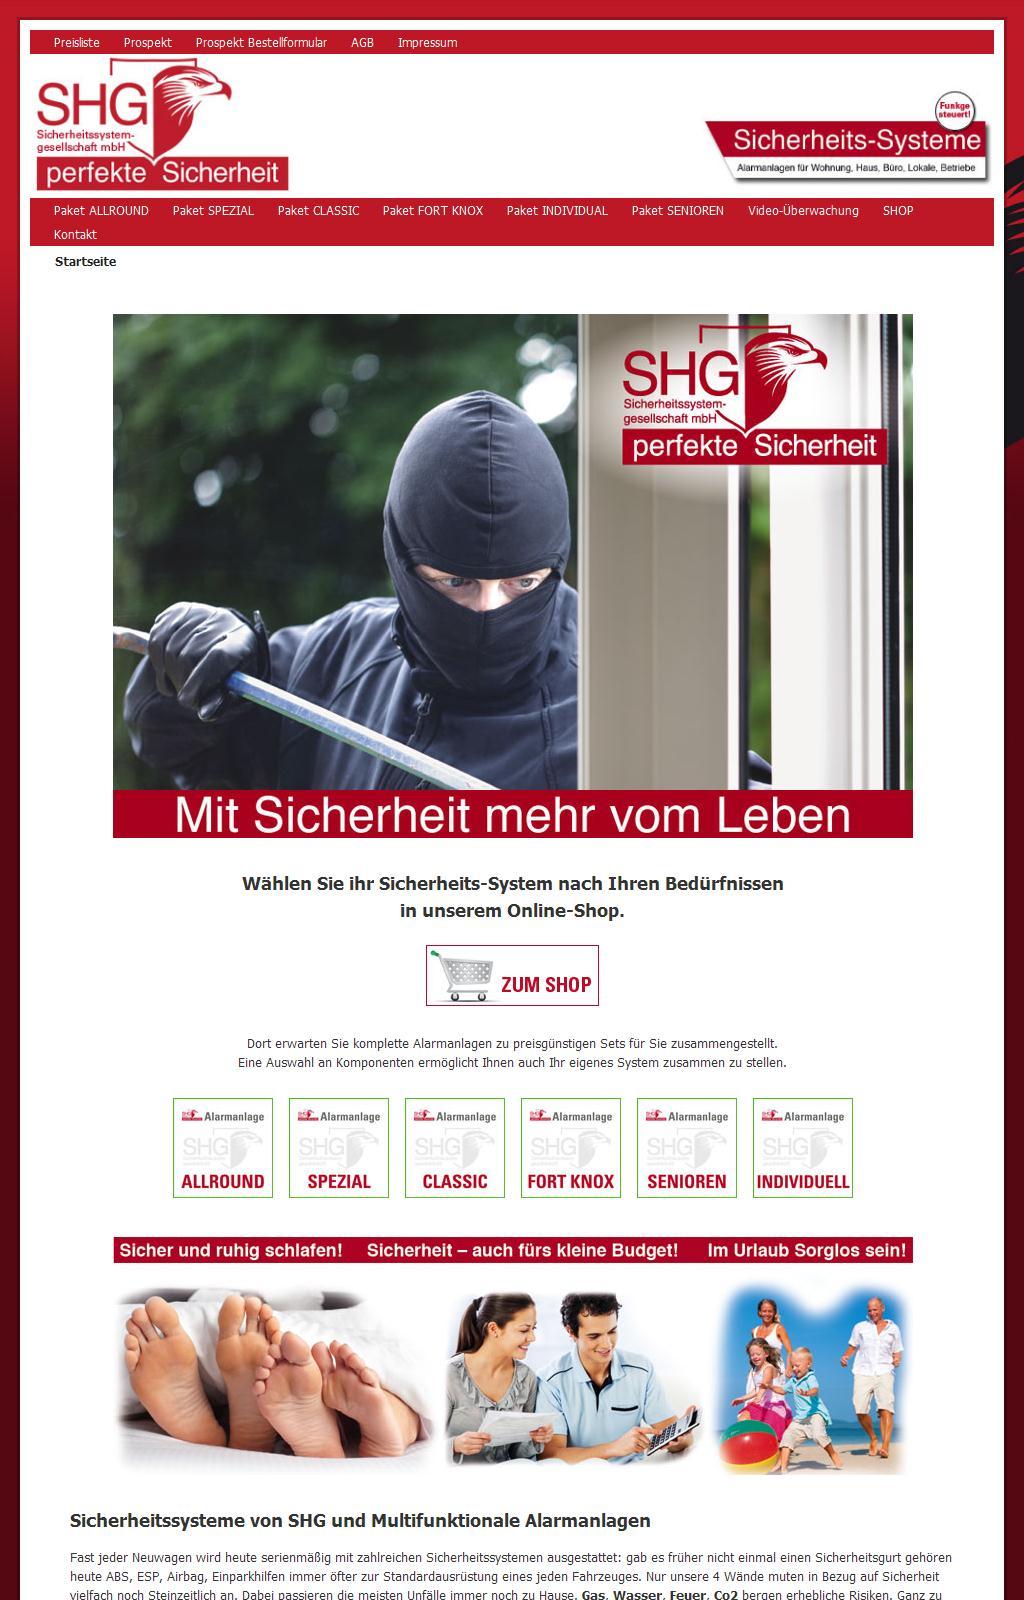 Sicherheitssysteme von SHG und Multifunktionale Alarmanlagen